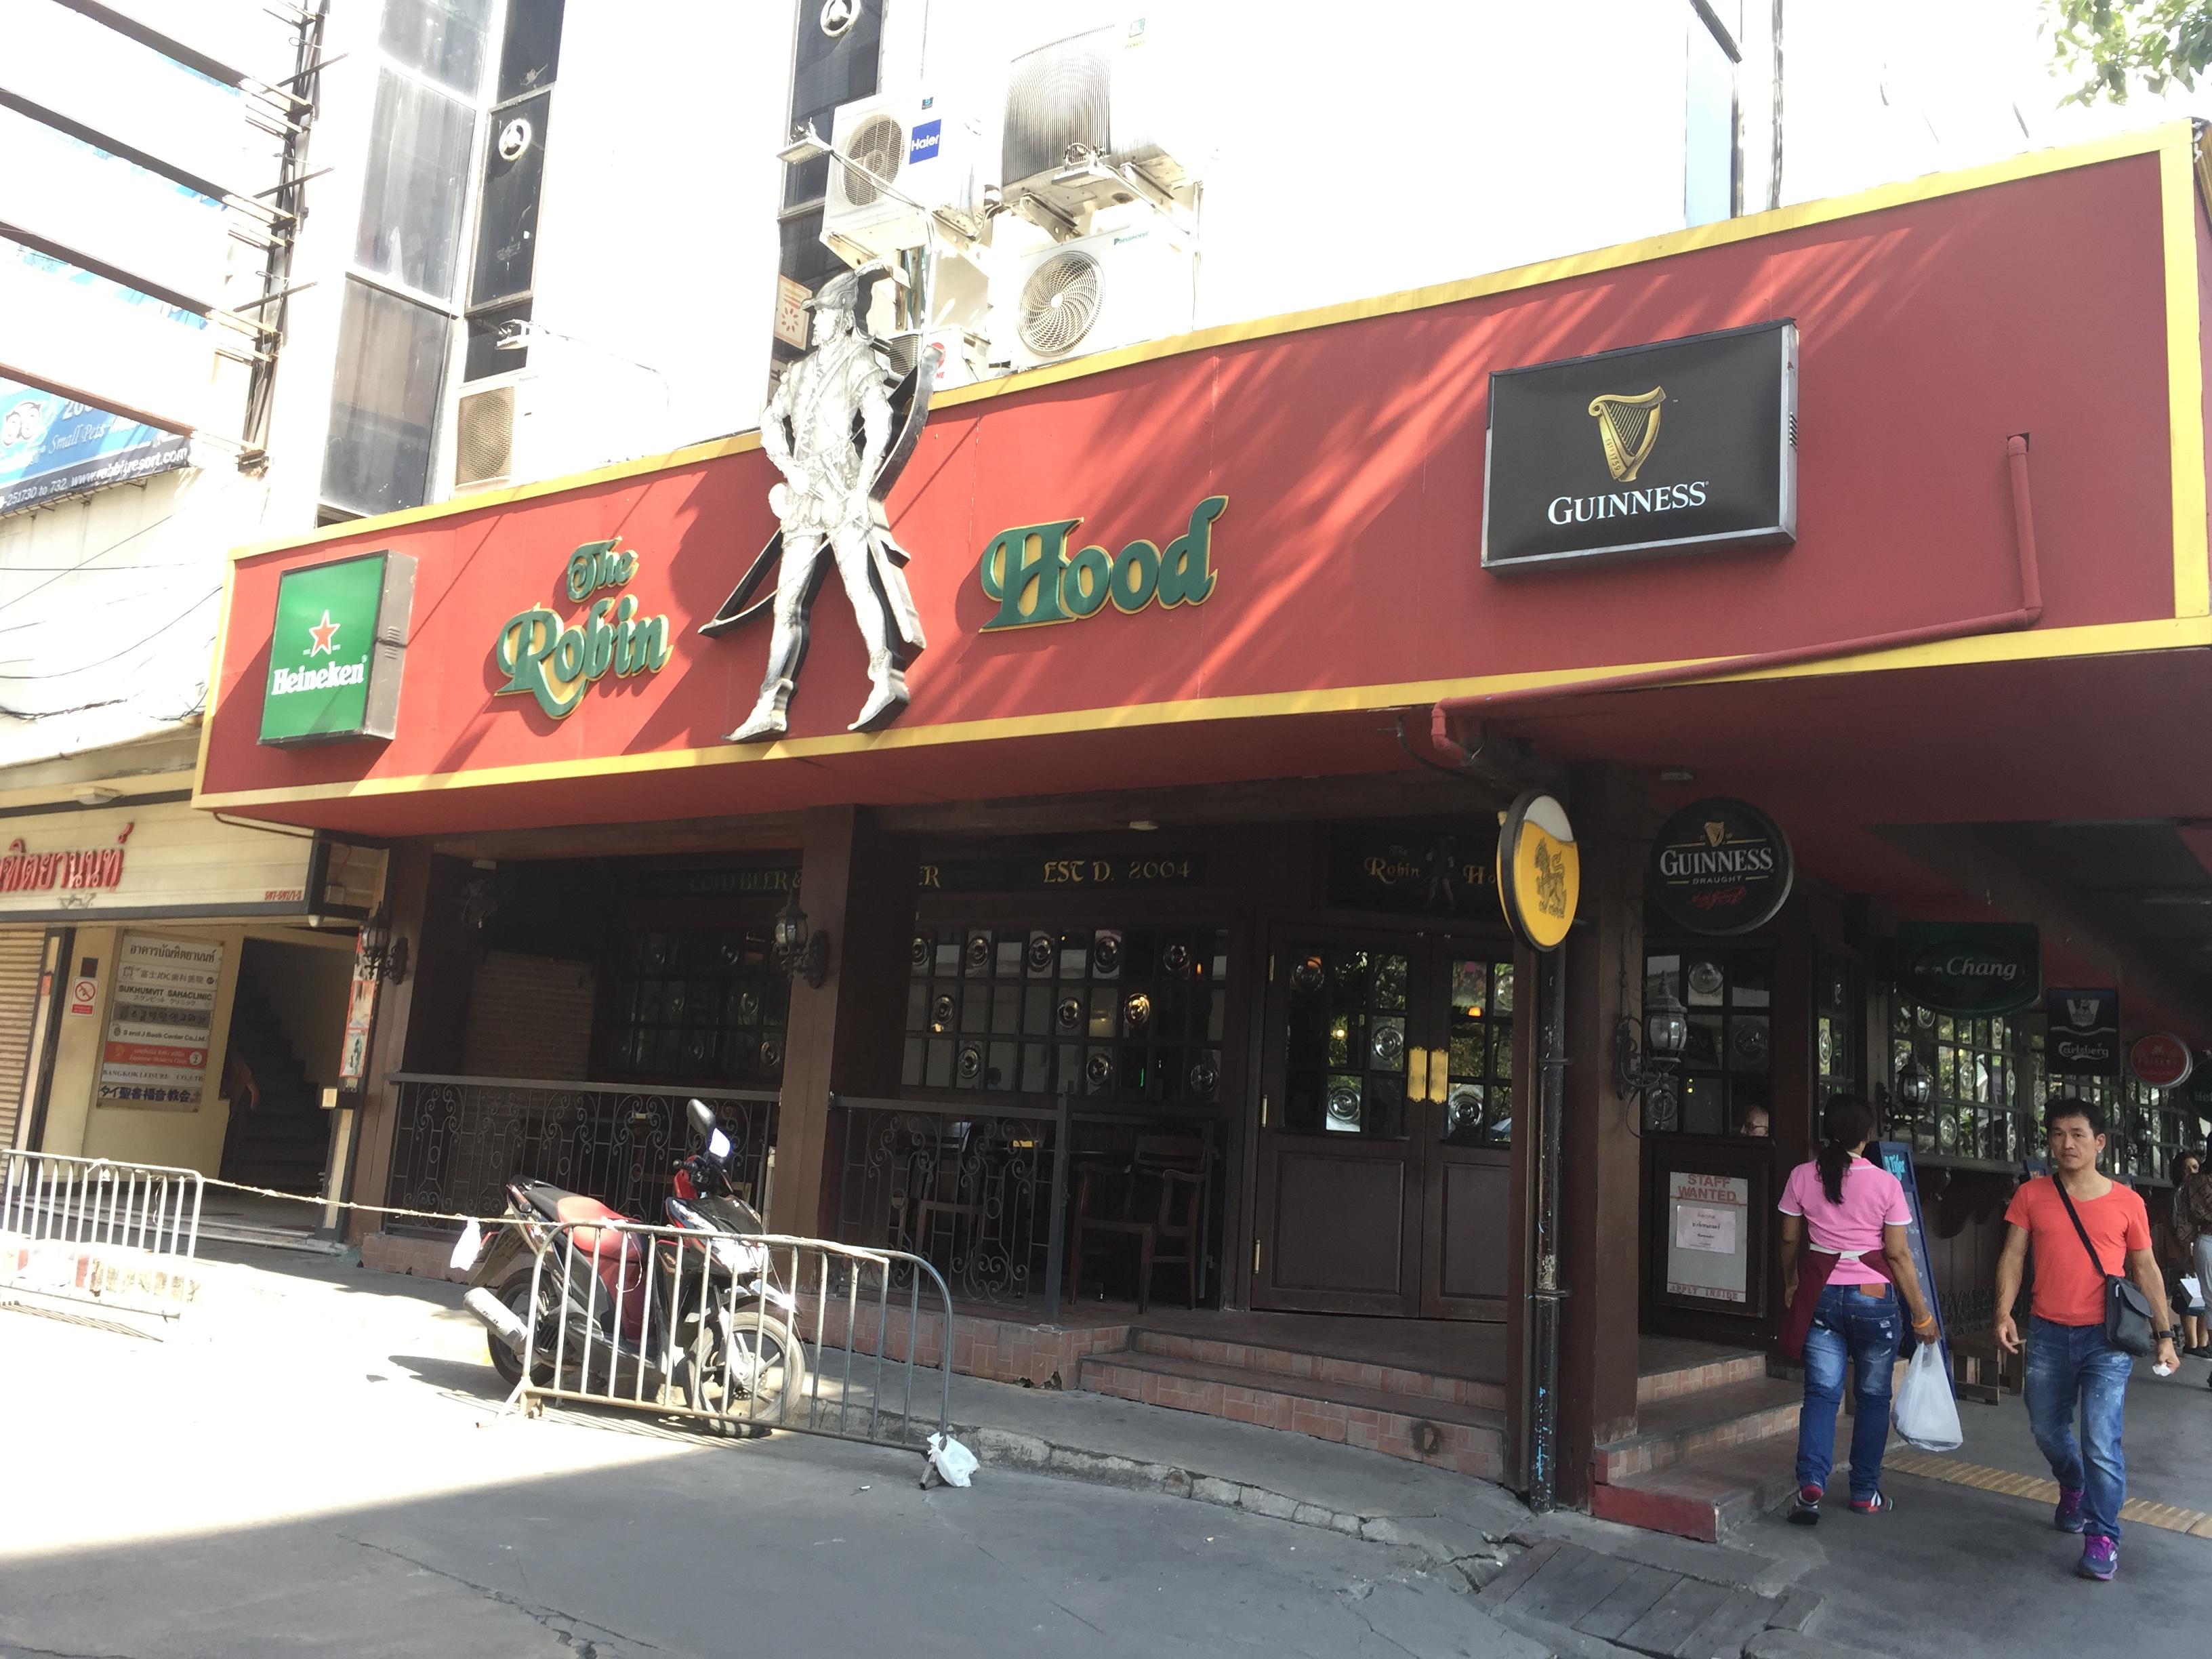 Robin-hood-bar-sukhumvit33/1